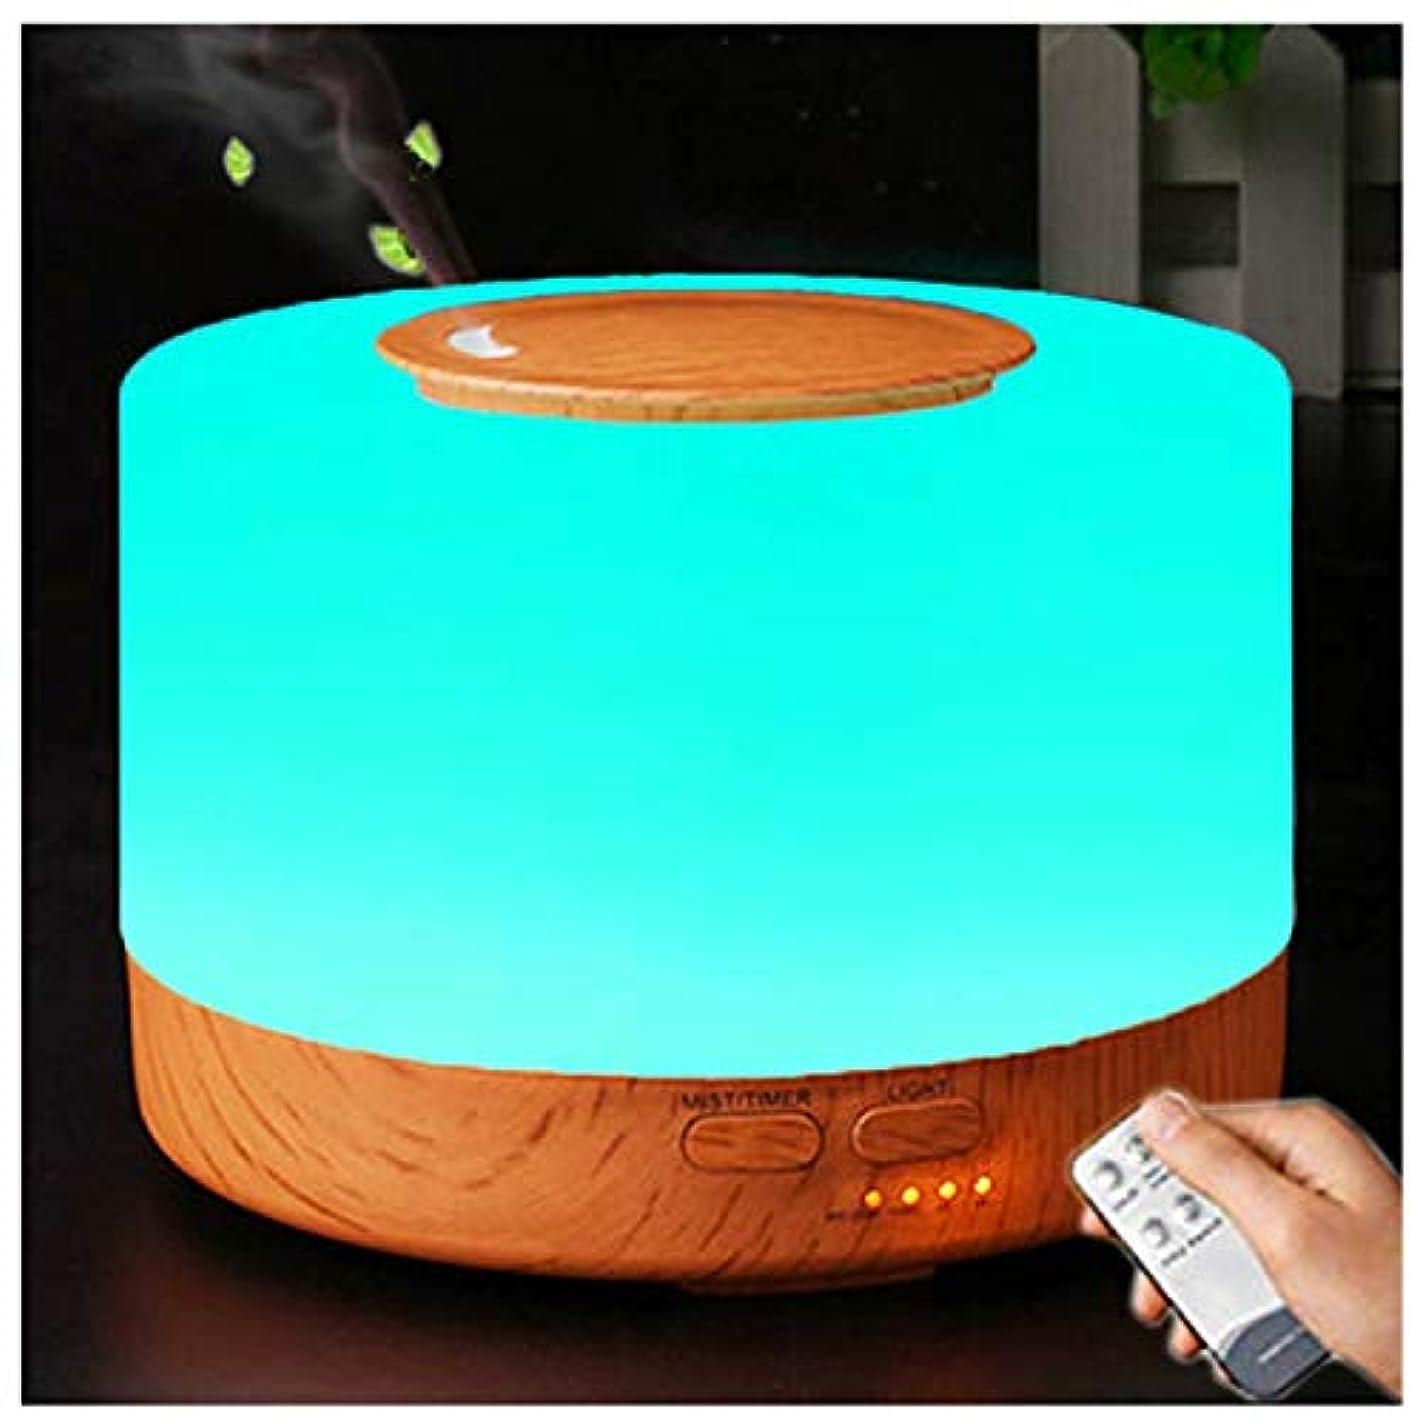 ピラミッドアナログ頑張るアロマディフューザー 加湿器, 卓上 大容量 超音波加湿器, 500ML 保湿 時間設定 空焚き防止 7色変換LED搭載 (木目調)